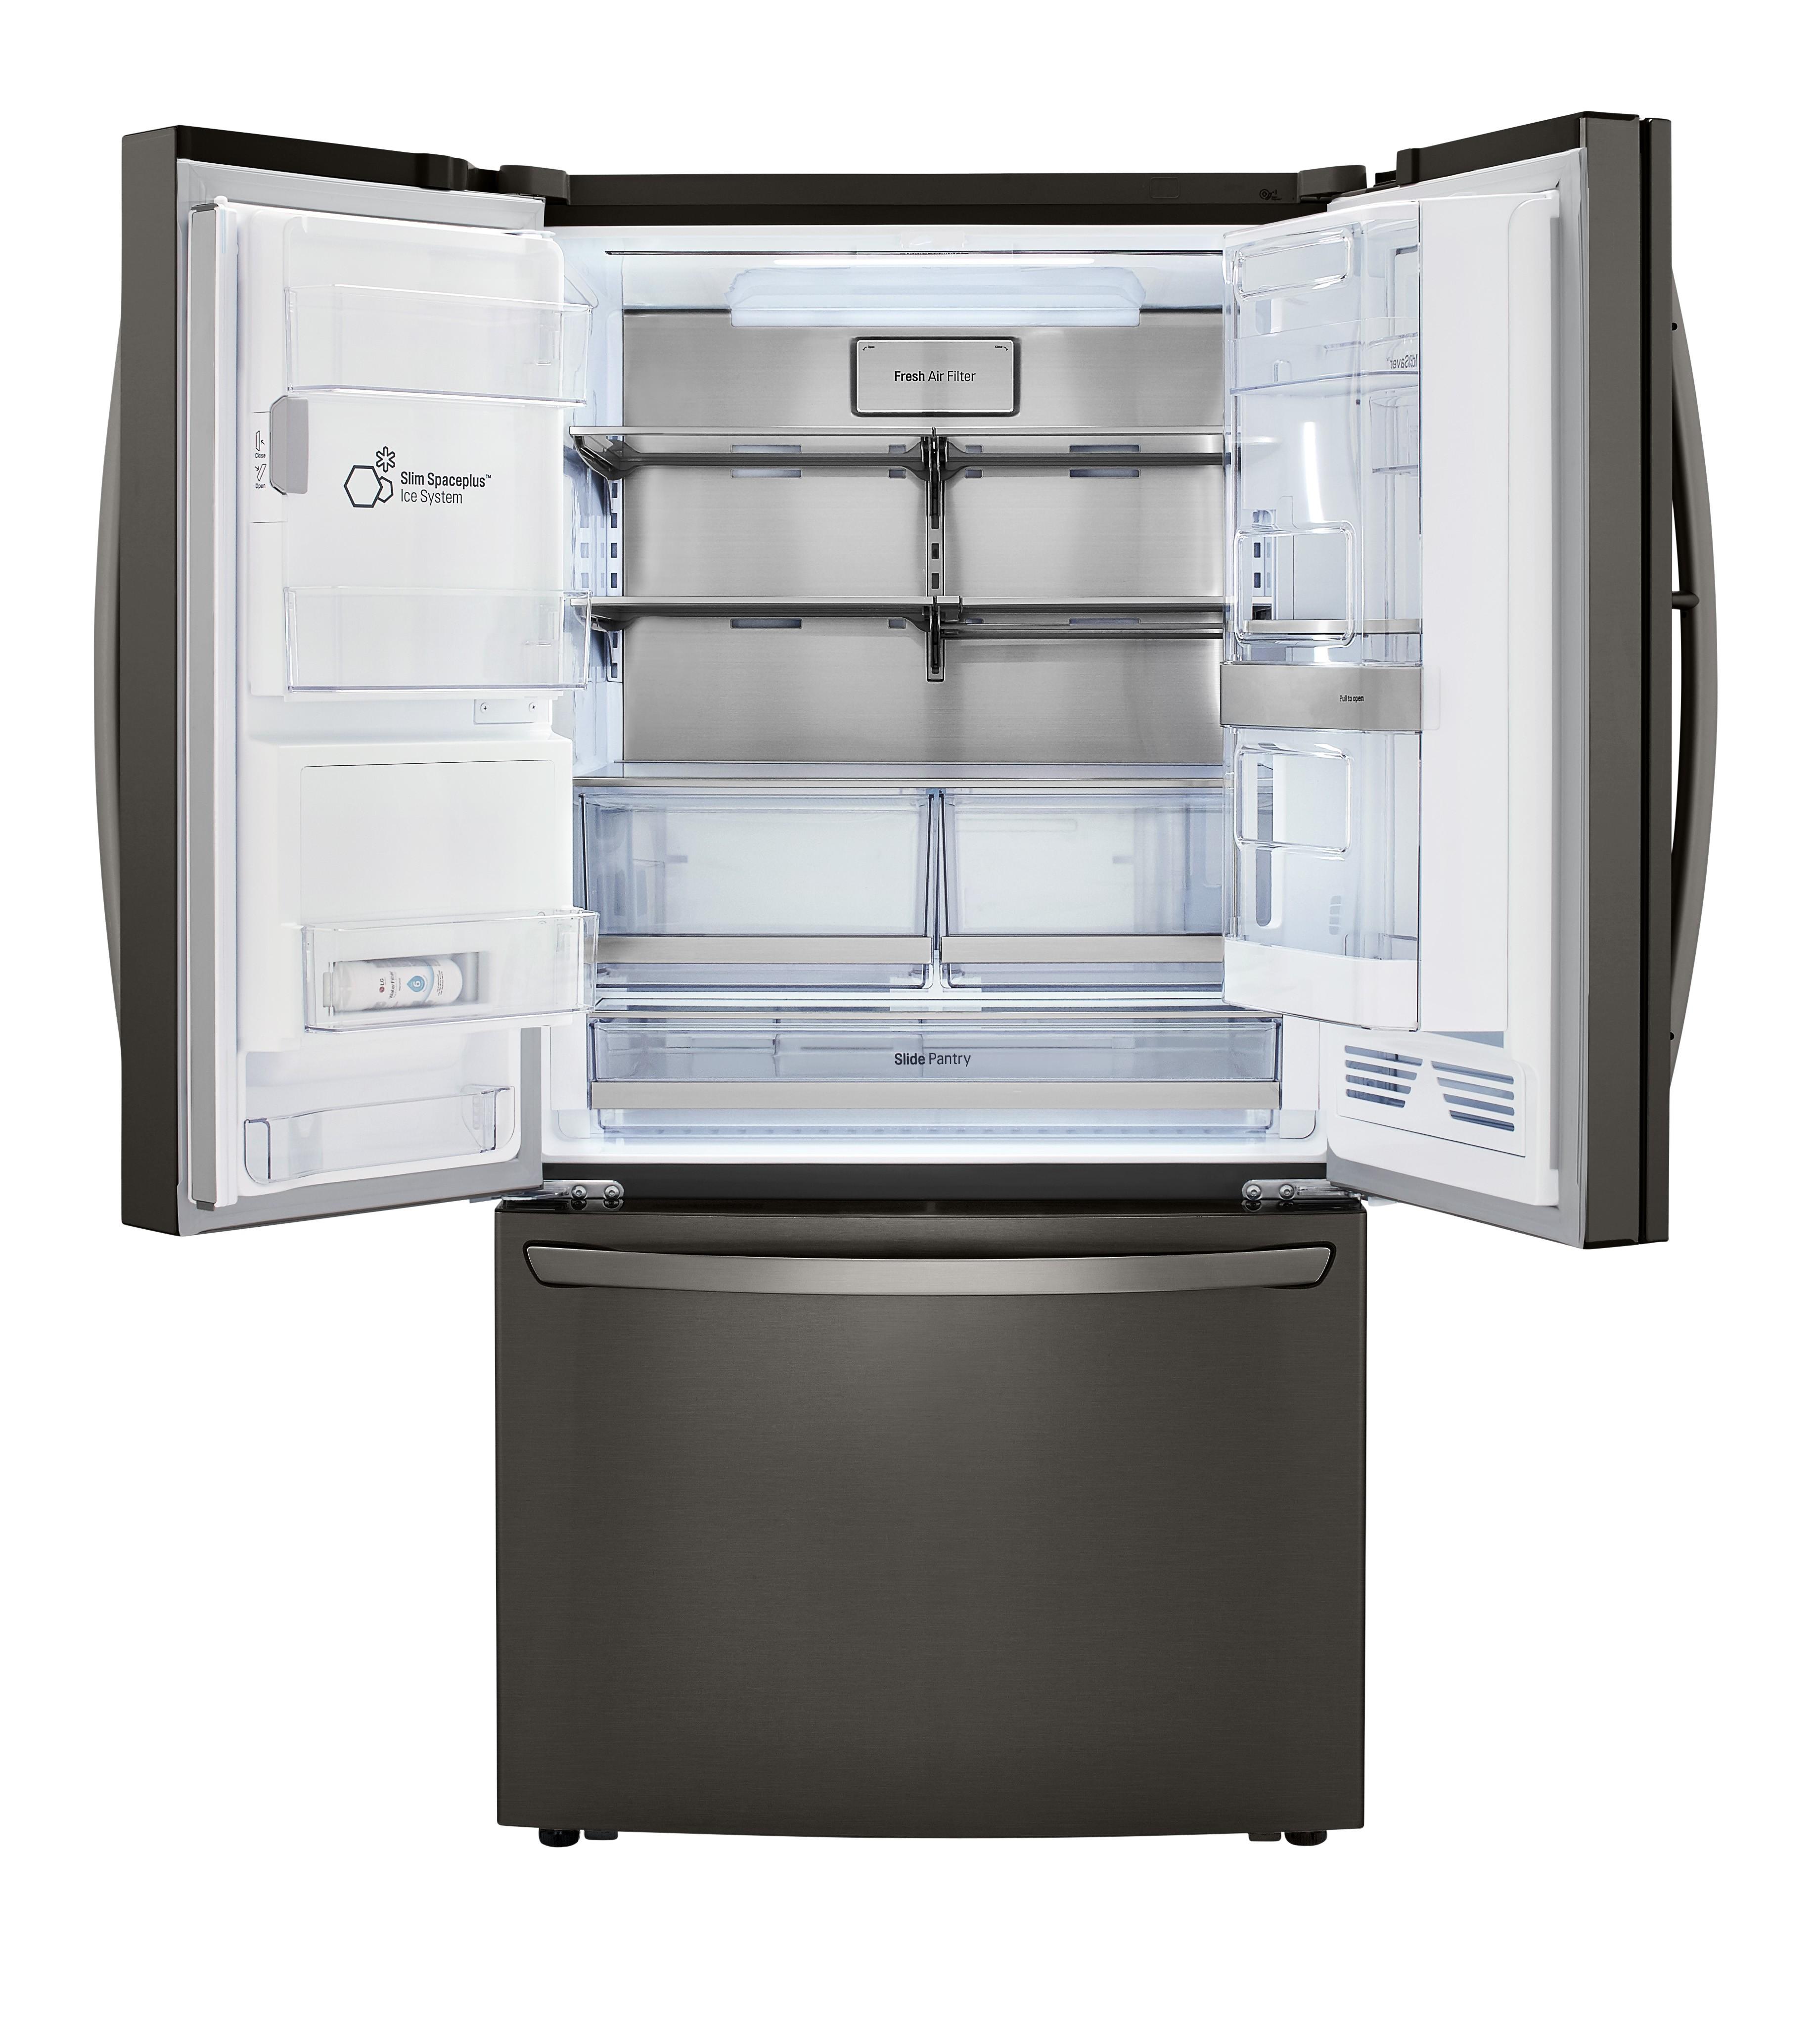 Front view of an LG three-door refrigerator with a door-ice maker with the top doors open